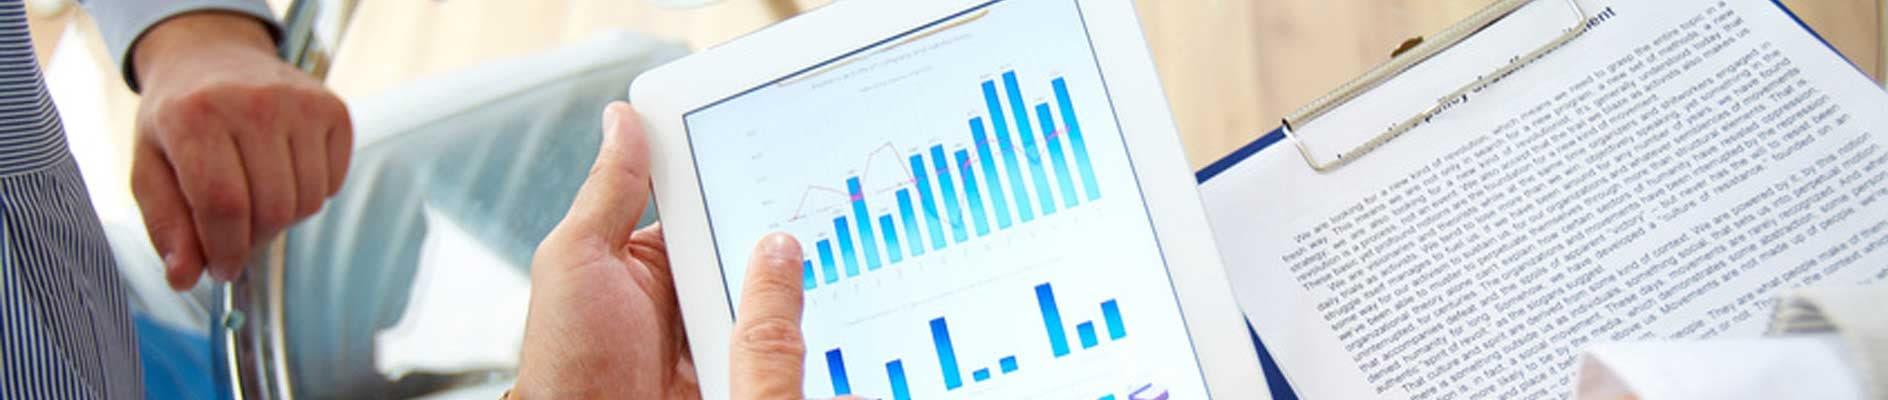 Economia e gestione d'impresa